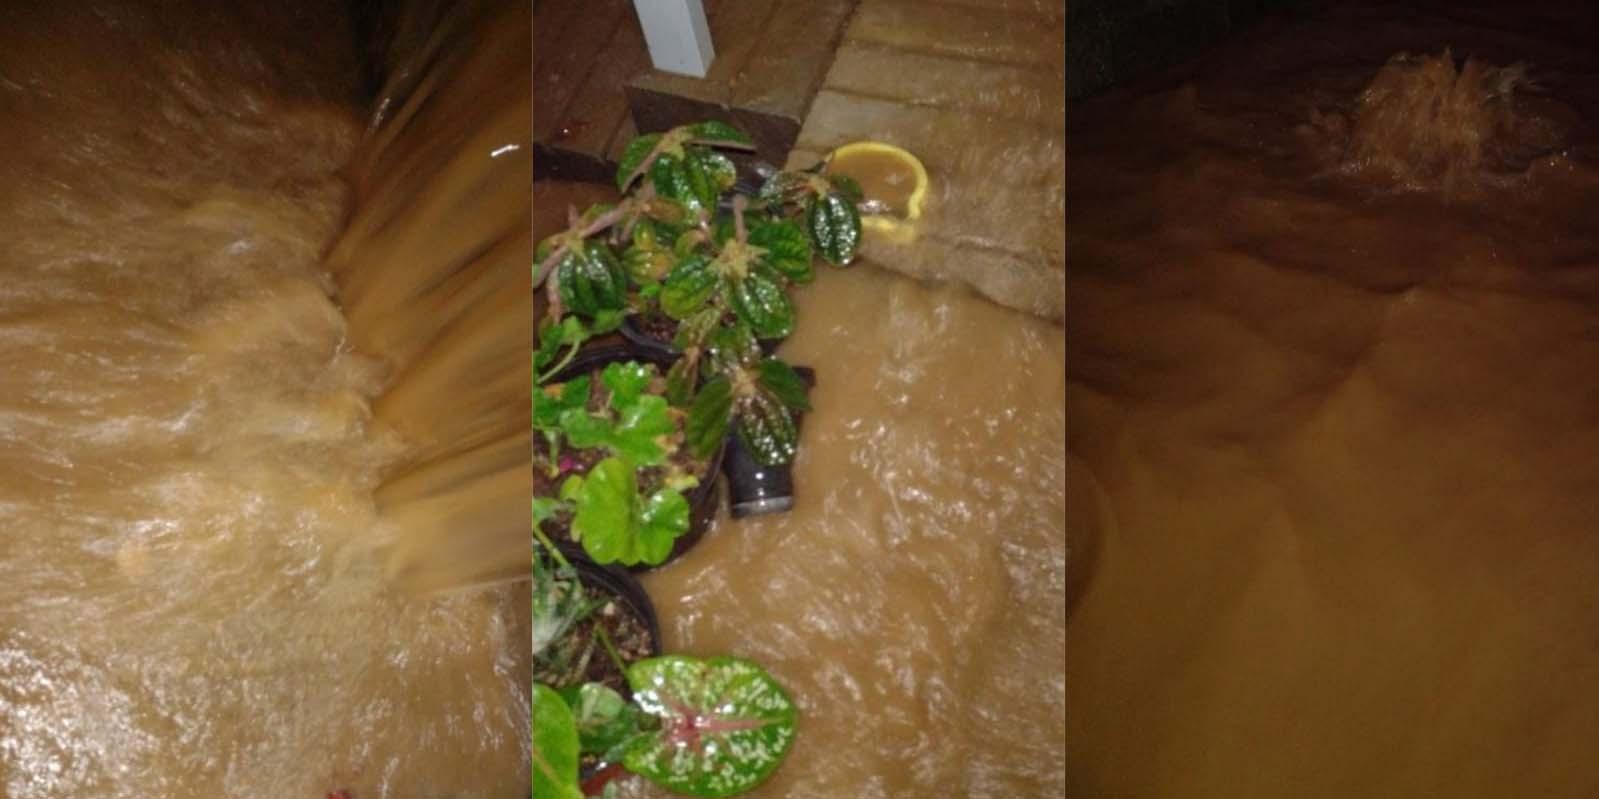 Se inundan casas por obras de rehabilitación de drenaje y pavimentación en calles de Pueblo Nuevo | El Imparcial de Oaxaca